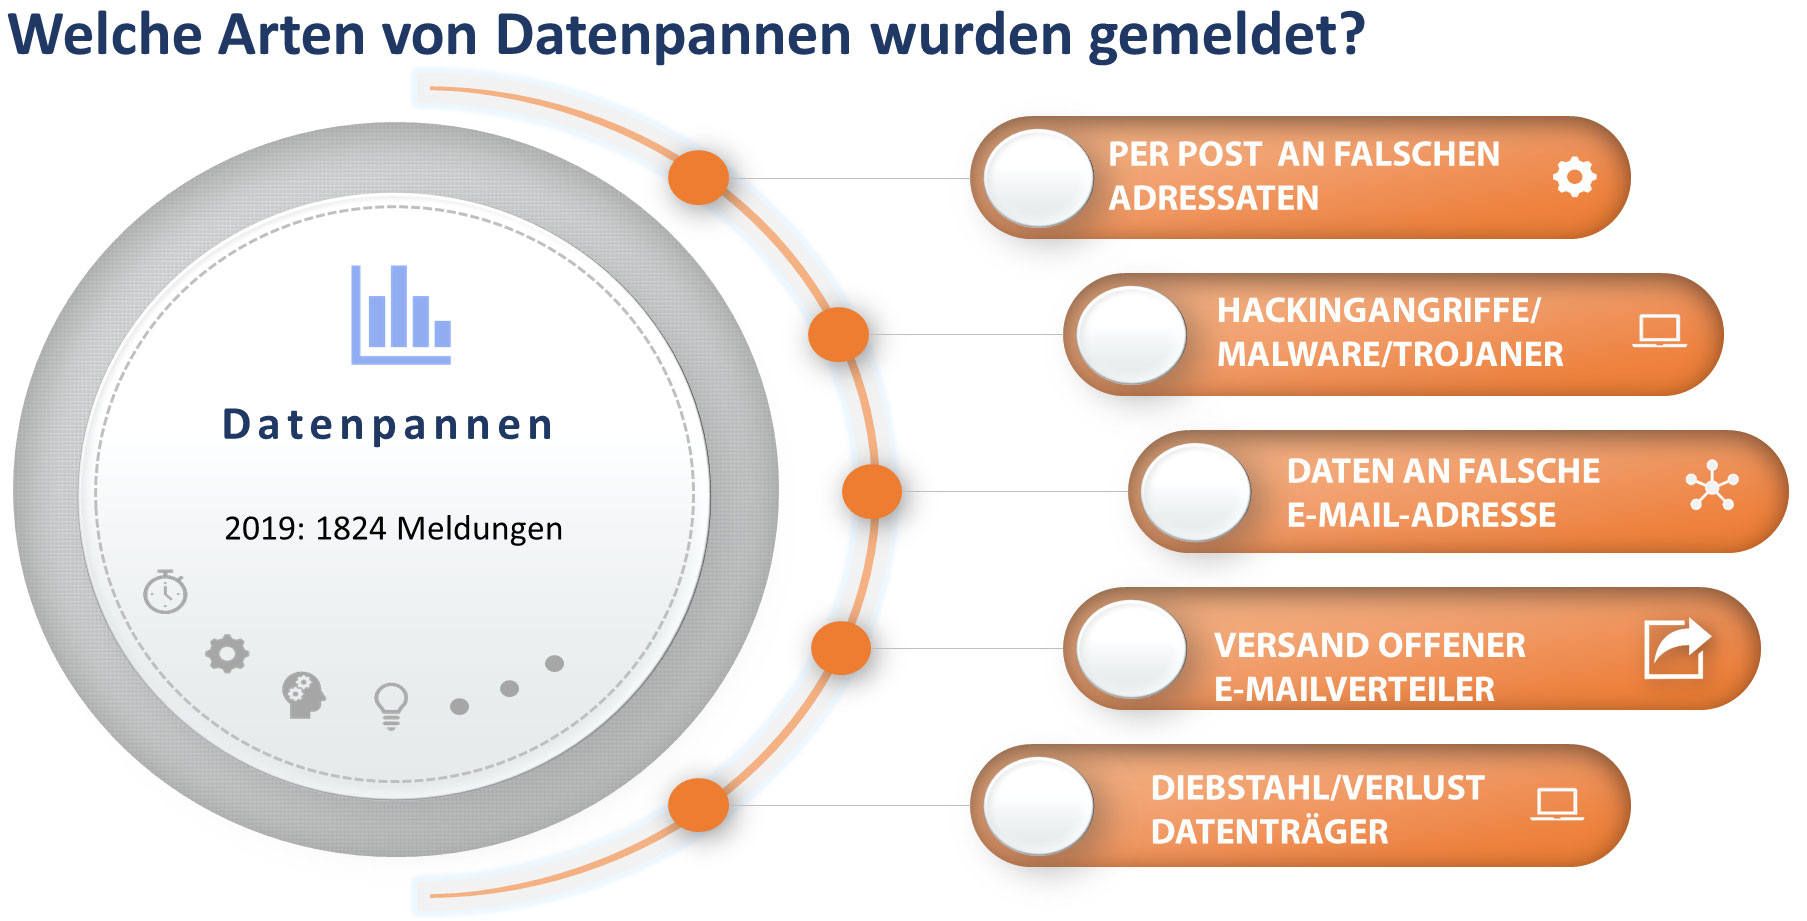 Arten von Datenpannen